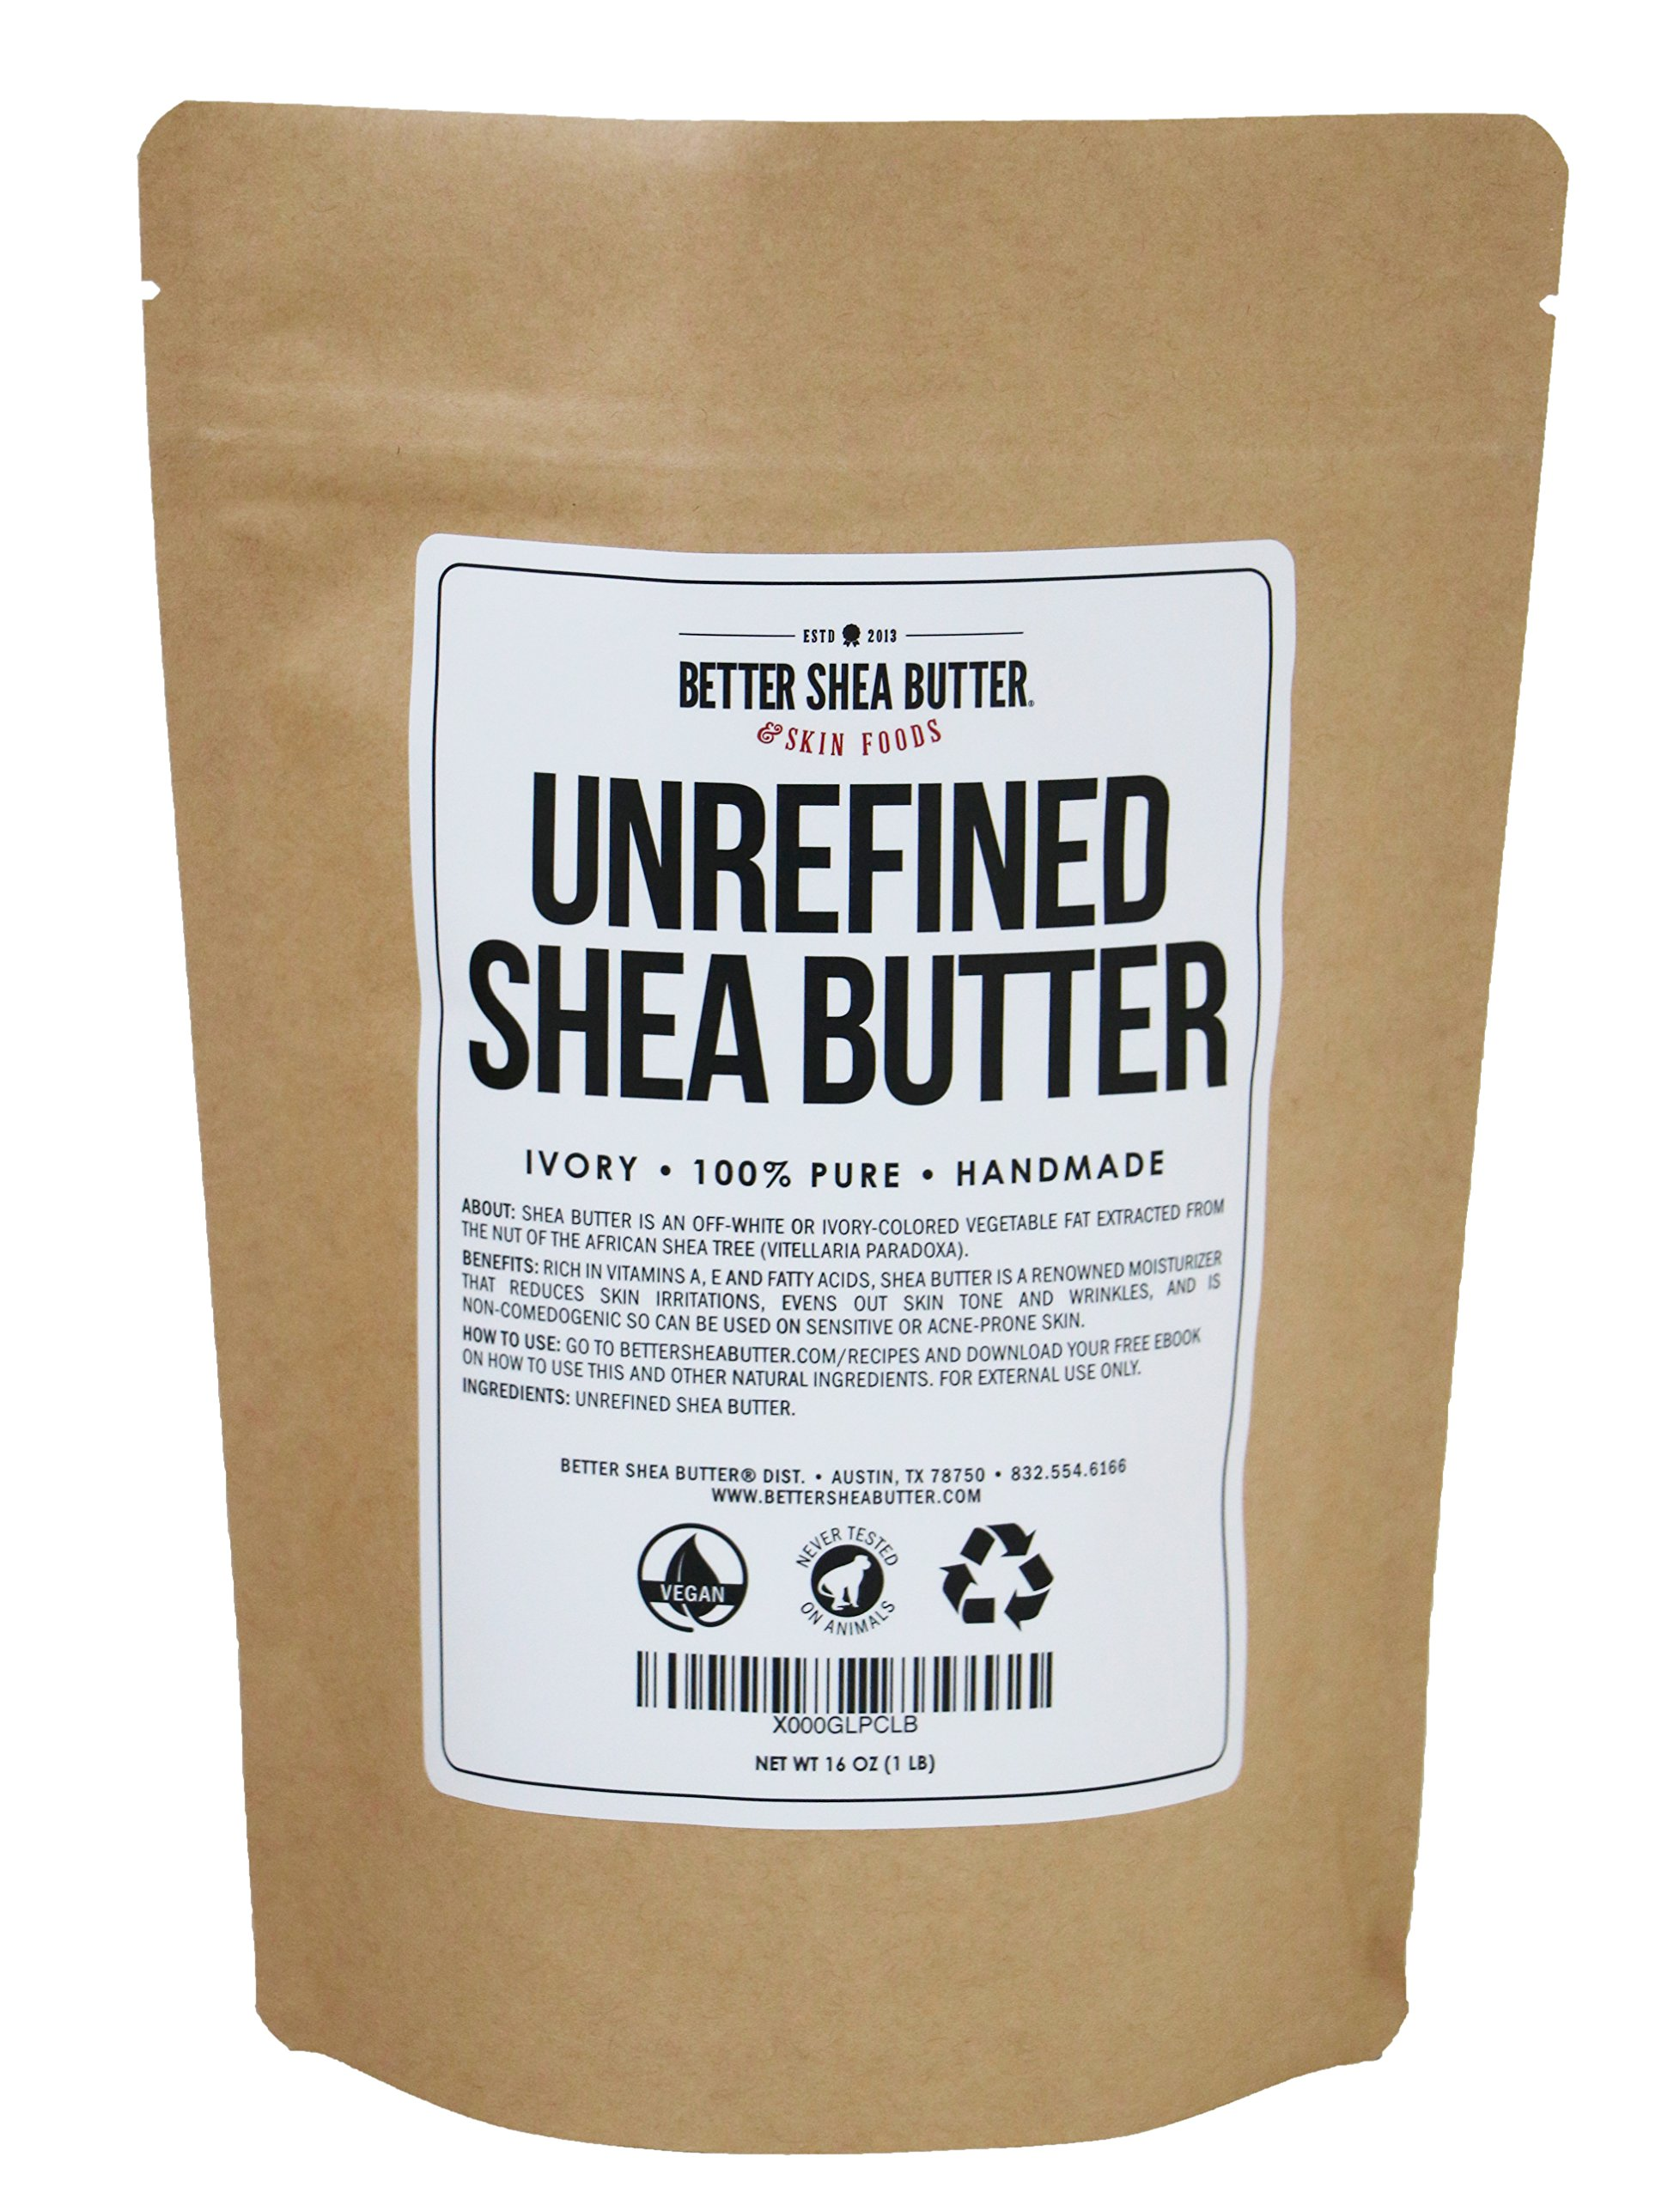 Unrefined Shea Butter by Better Shea Butter - Ivory - 1 lb by Better Shea Butter (Image #2)